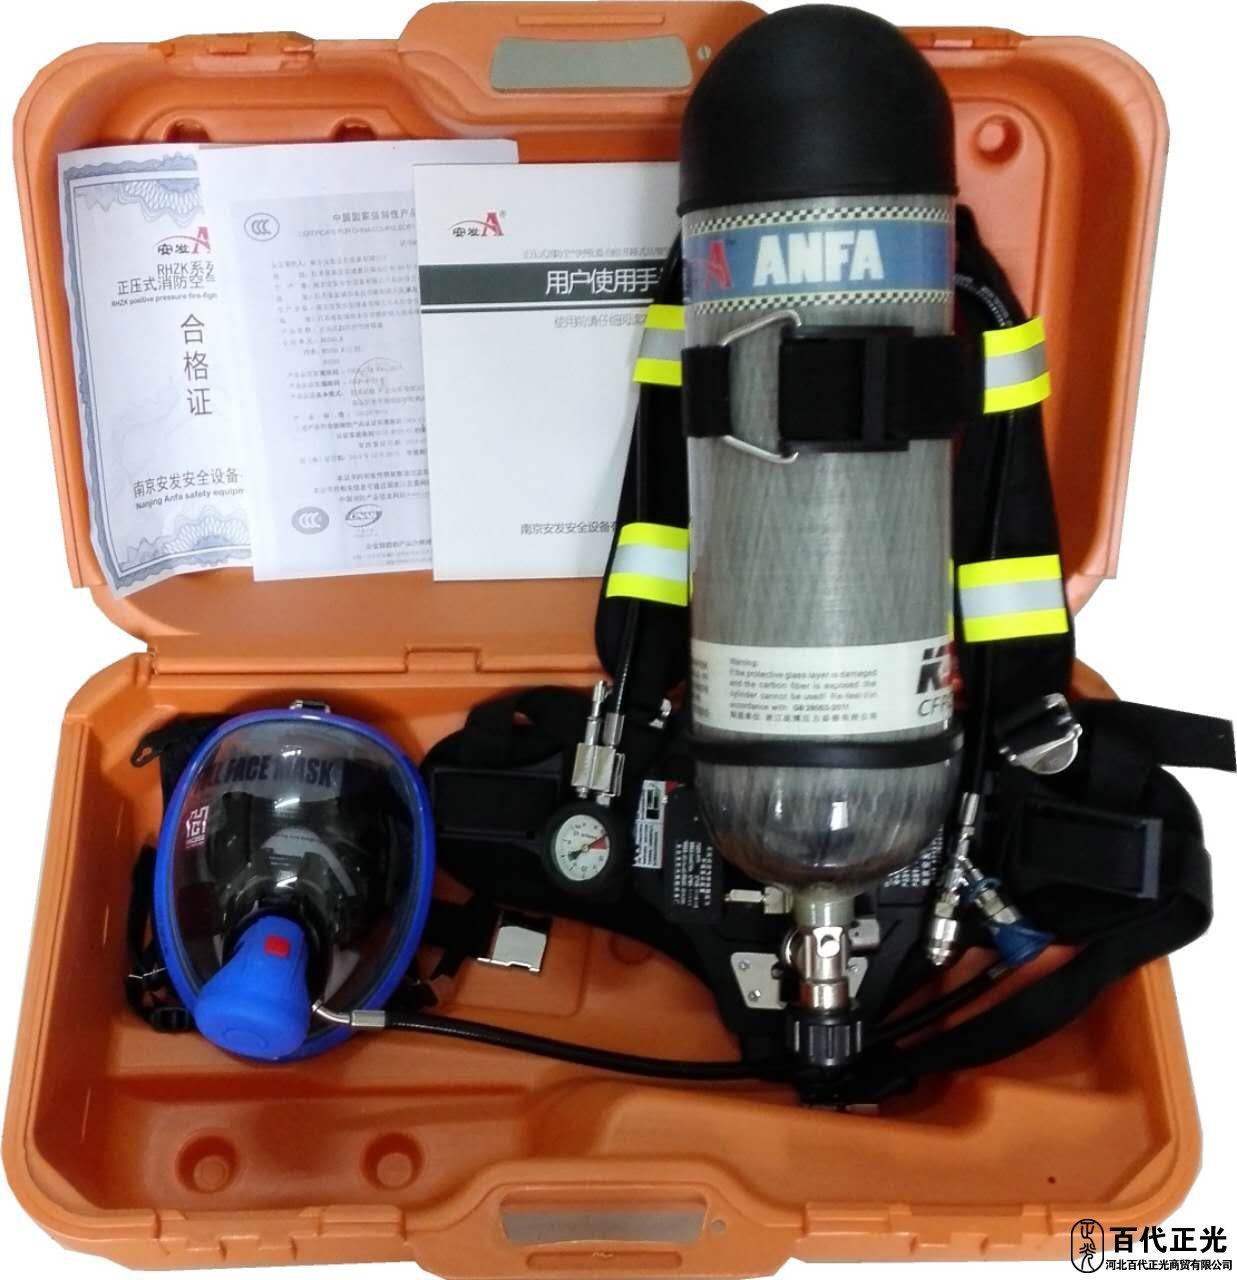 新3C標準正壓式消防空氣呼吸器碳纖維平視顯示系